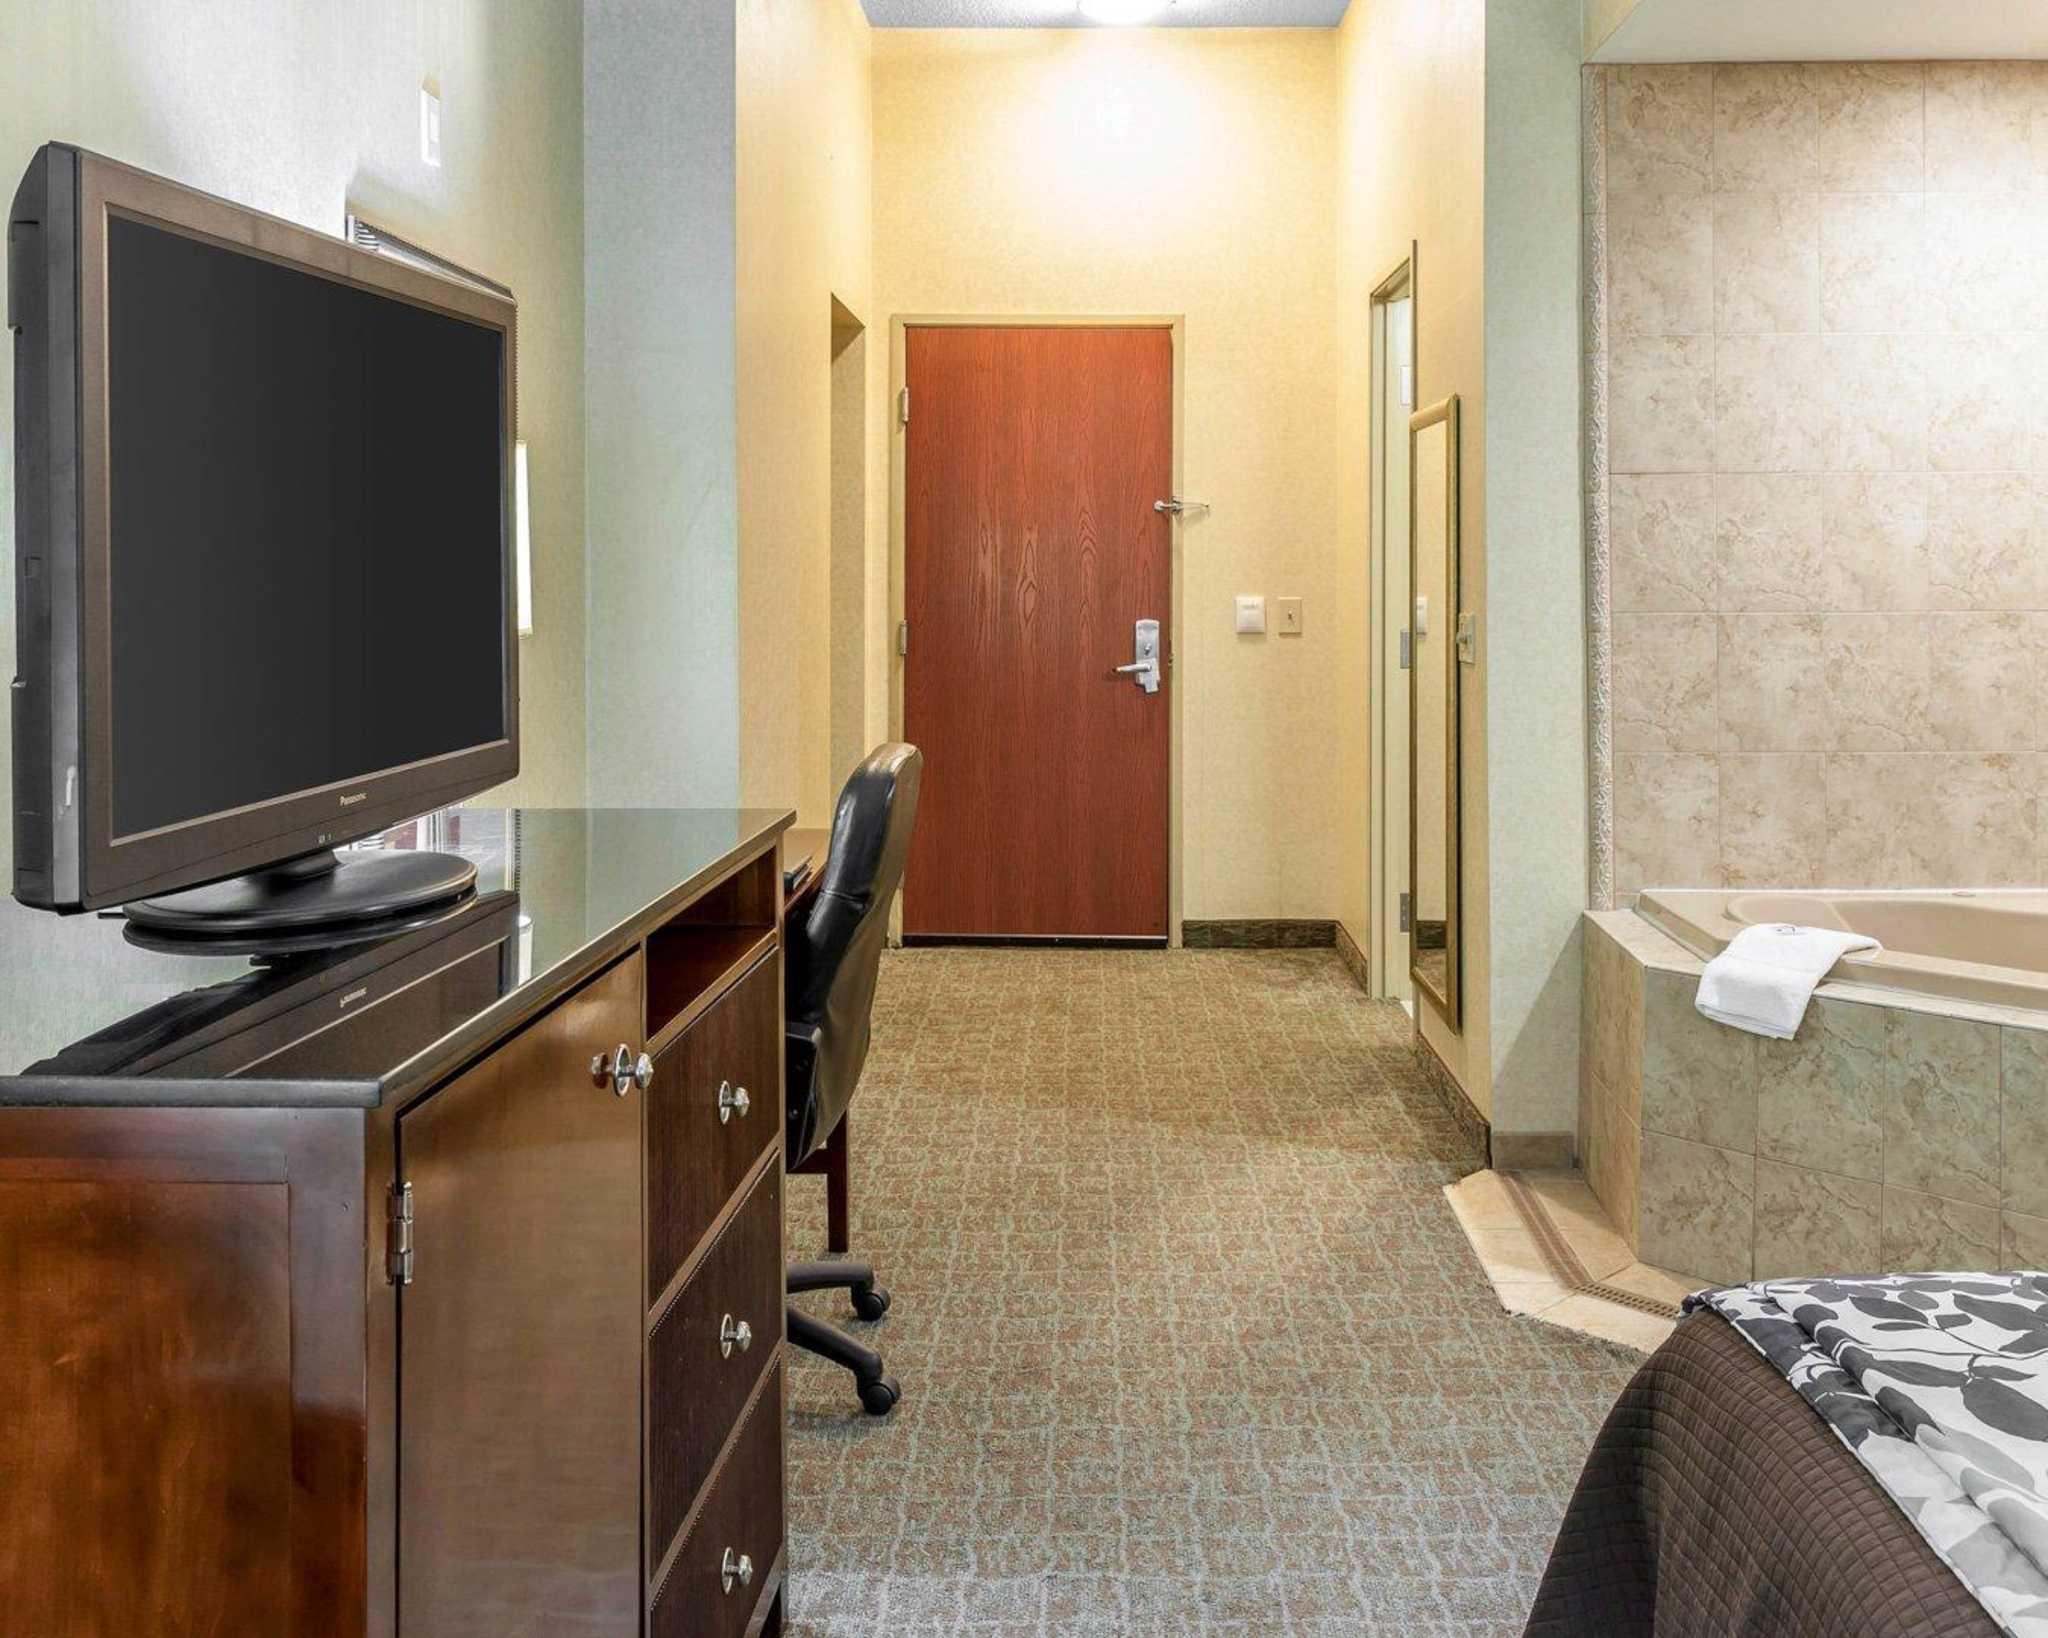 Sleep Inn & Suites Upper Marlboro near Andrews AFB image 6